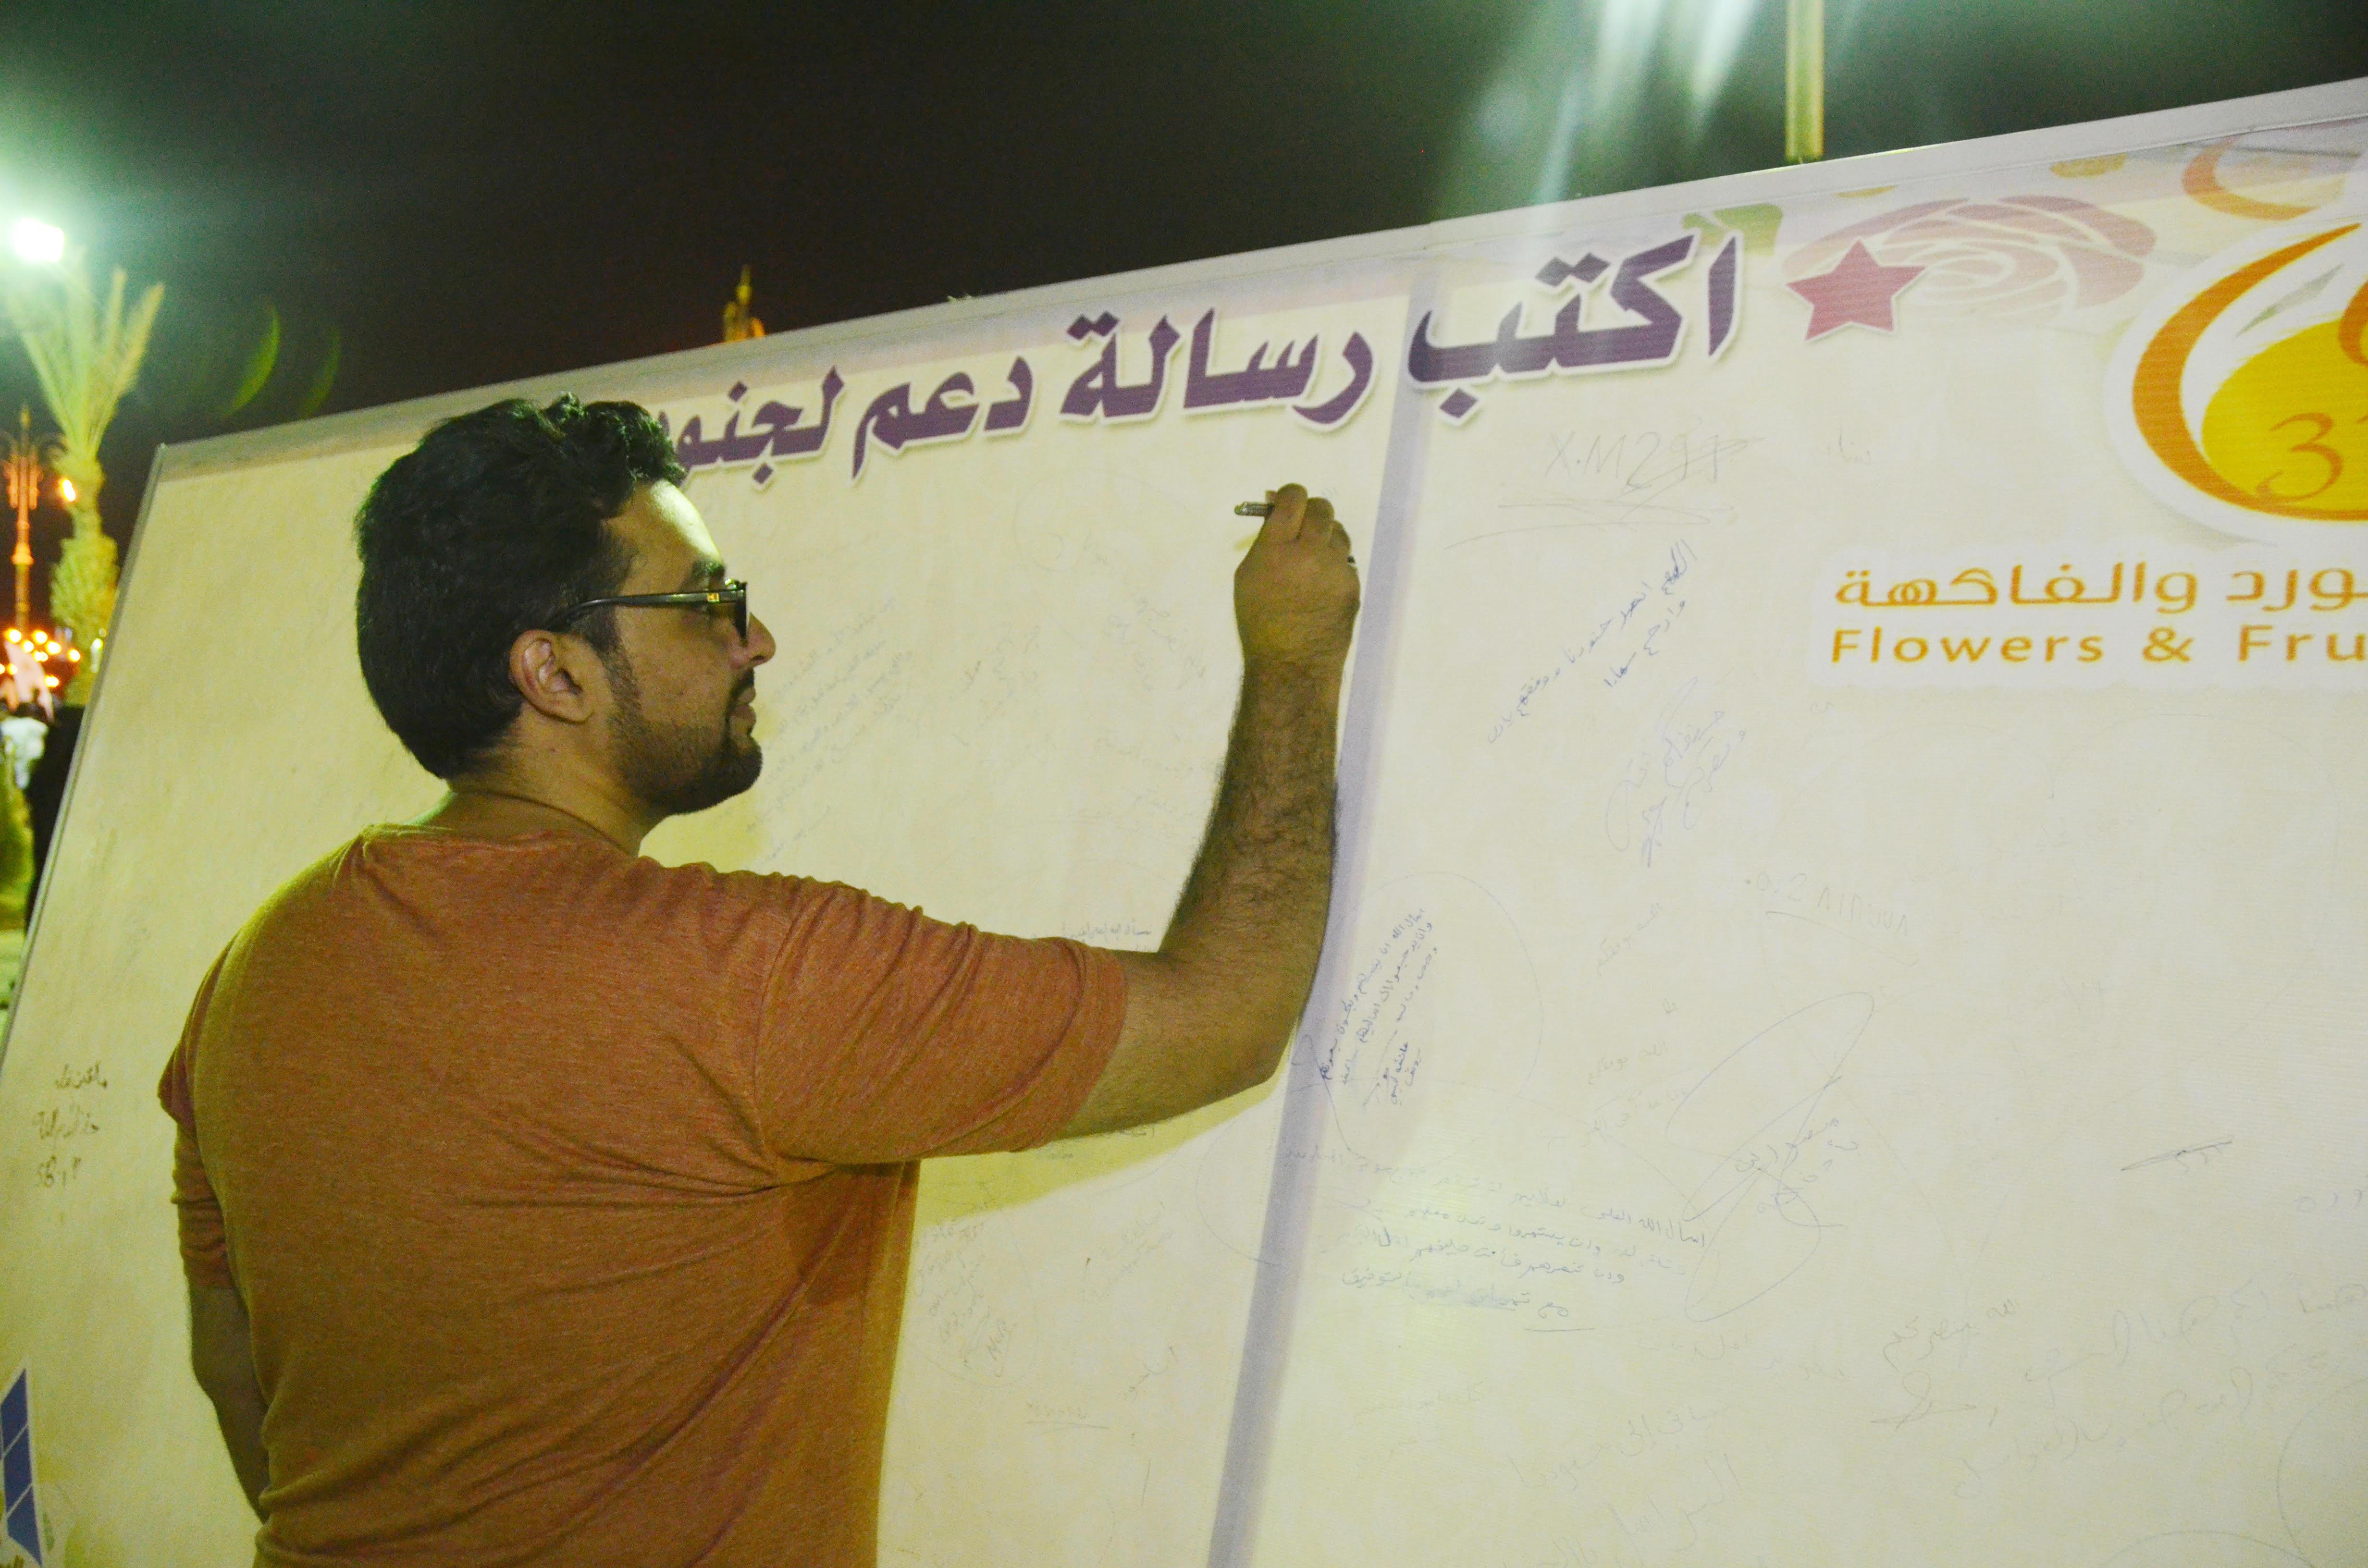 جدارية شهداء الواجب تستوقف زوار مهرجان الورد والفاكهة (5)